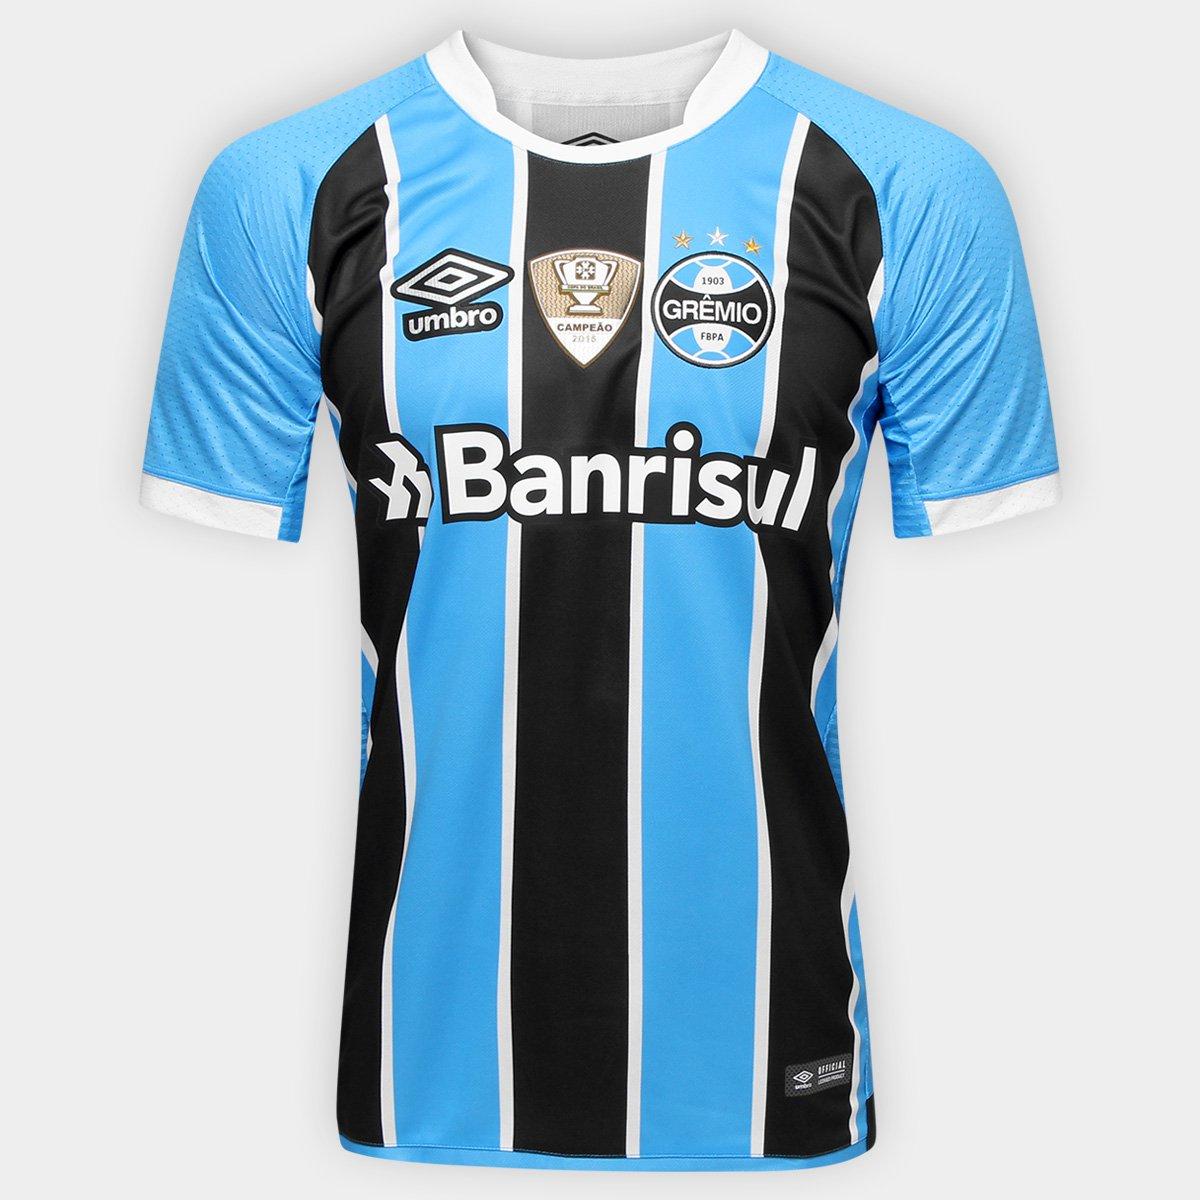 083cddd938 Camisa Umbro Grêmio I 17 18 S Nº - Torcedor - Patch Campeão Copa do Brasil  - Compre Agora